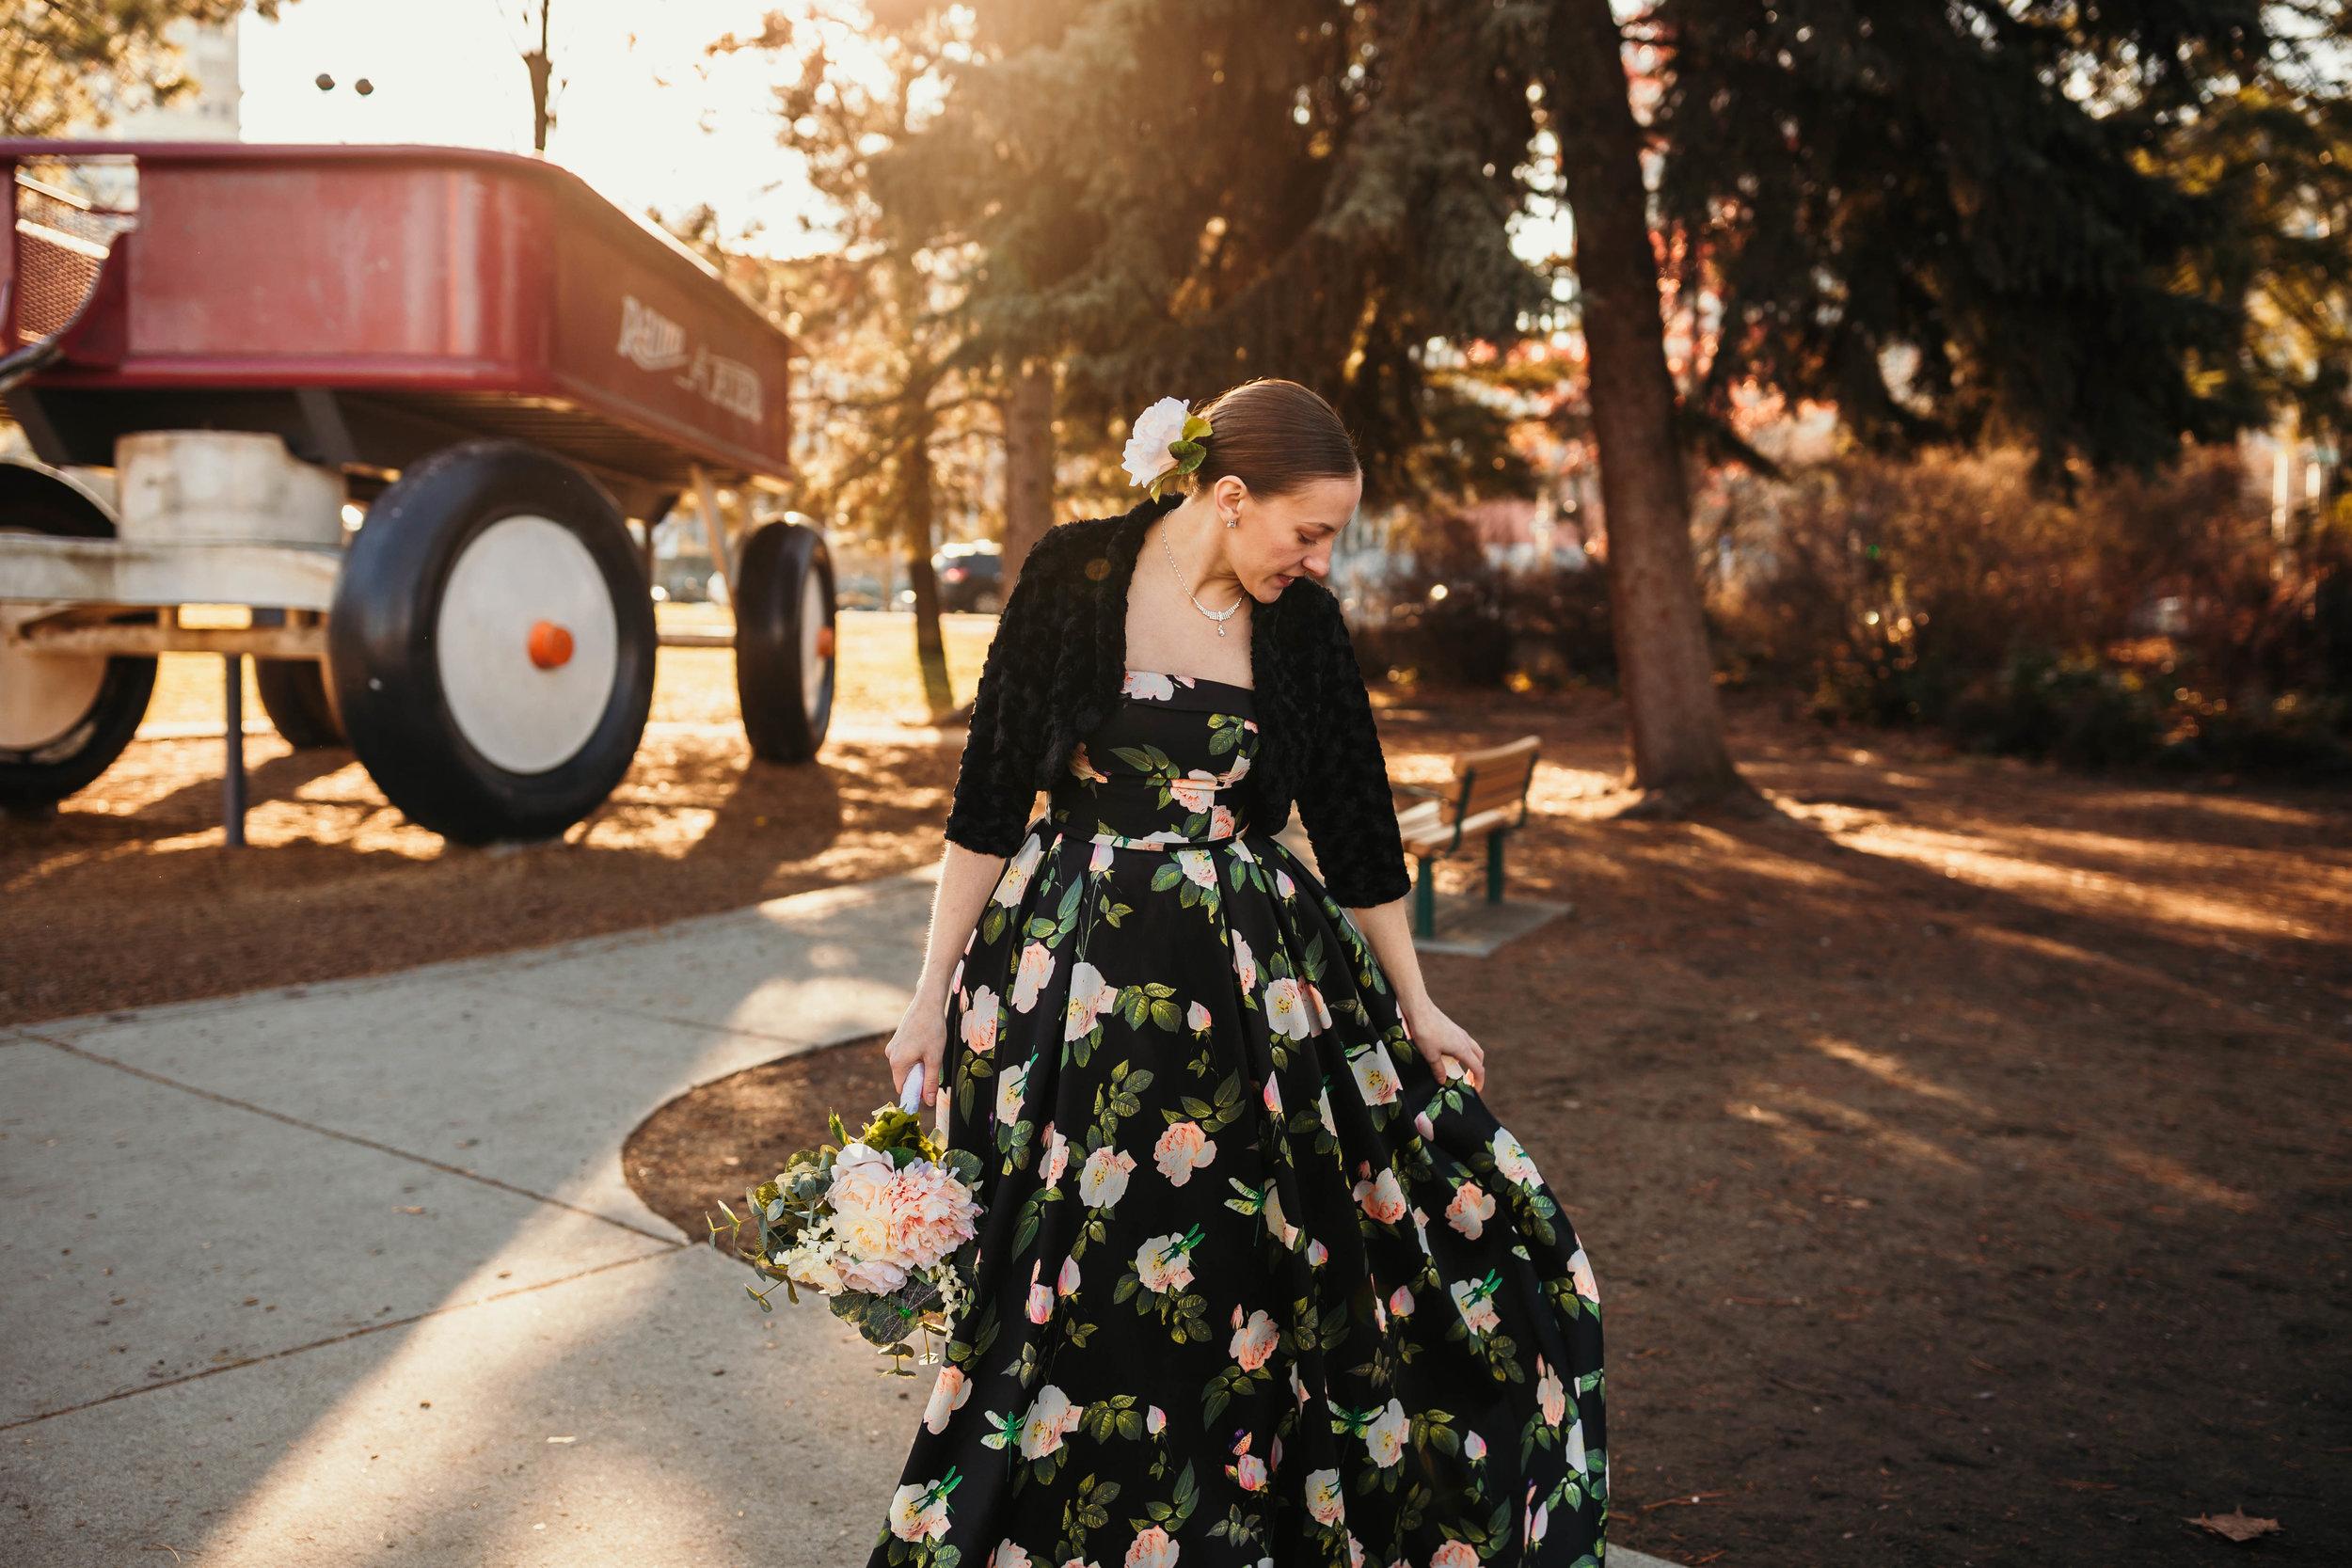 izzy+jacob-weddingsneakpeekblog-68.jpg